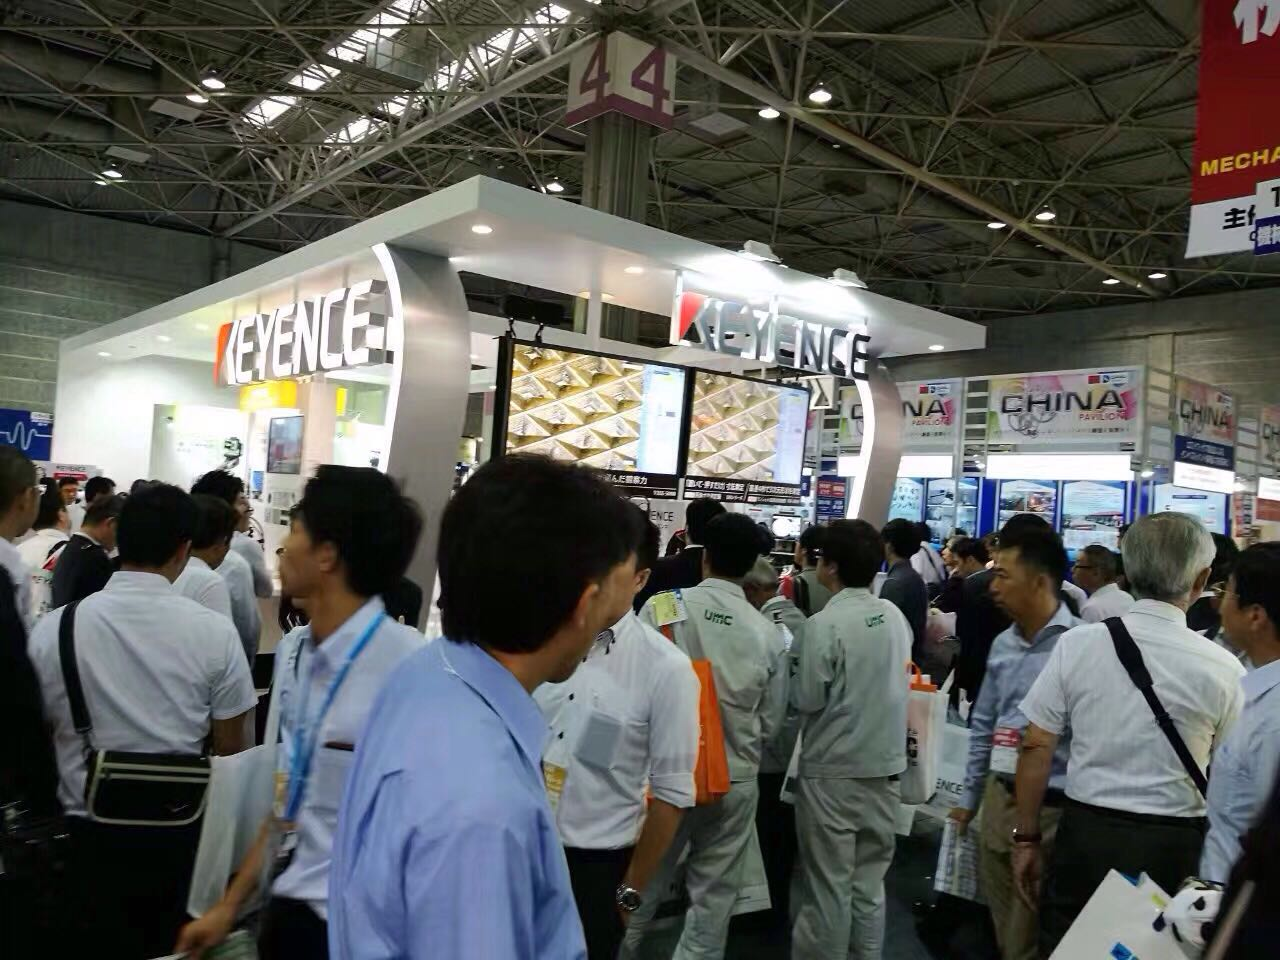 2017年洛阳国际工业博览会